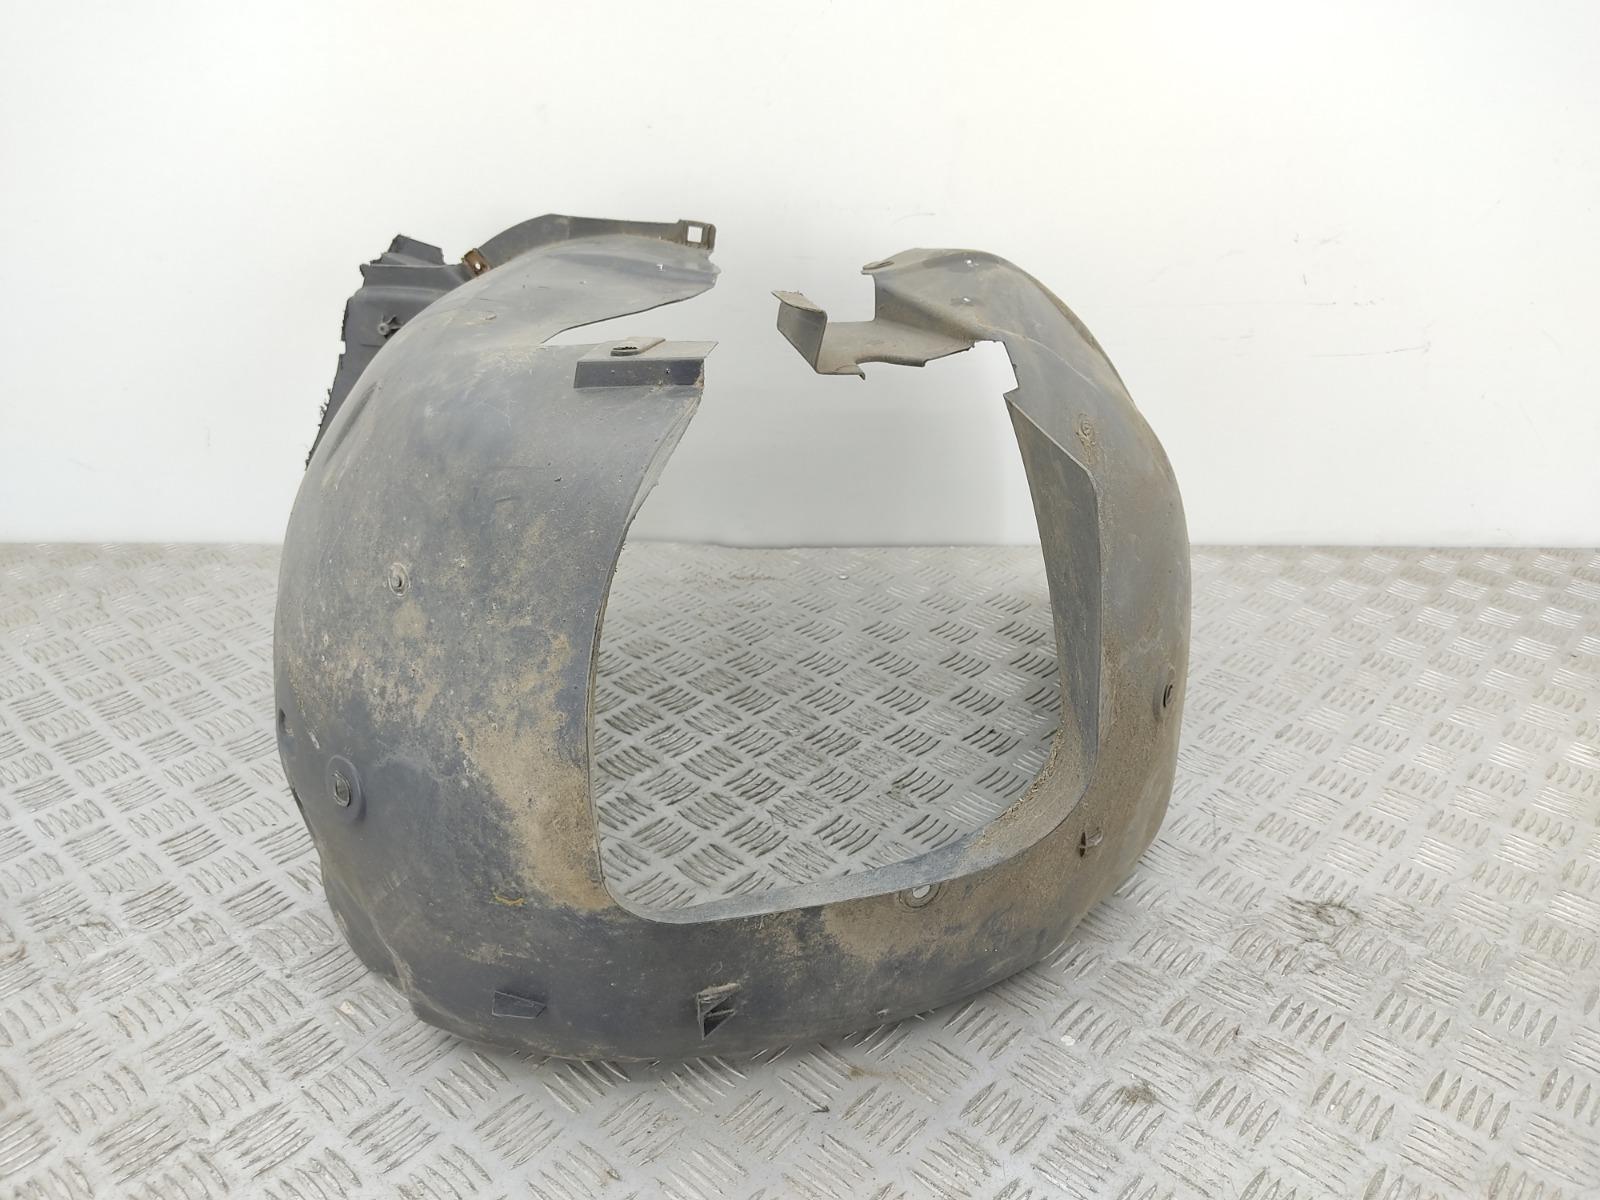 Защита арок передняя левая (подкрылок) Citroen C4 1.6 I 2006 (б/у)